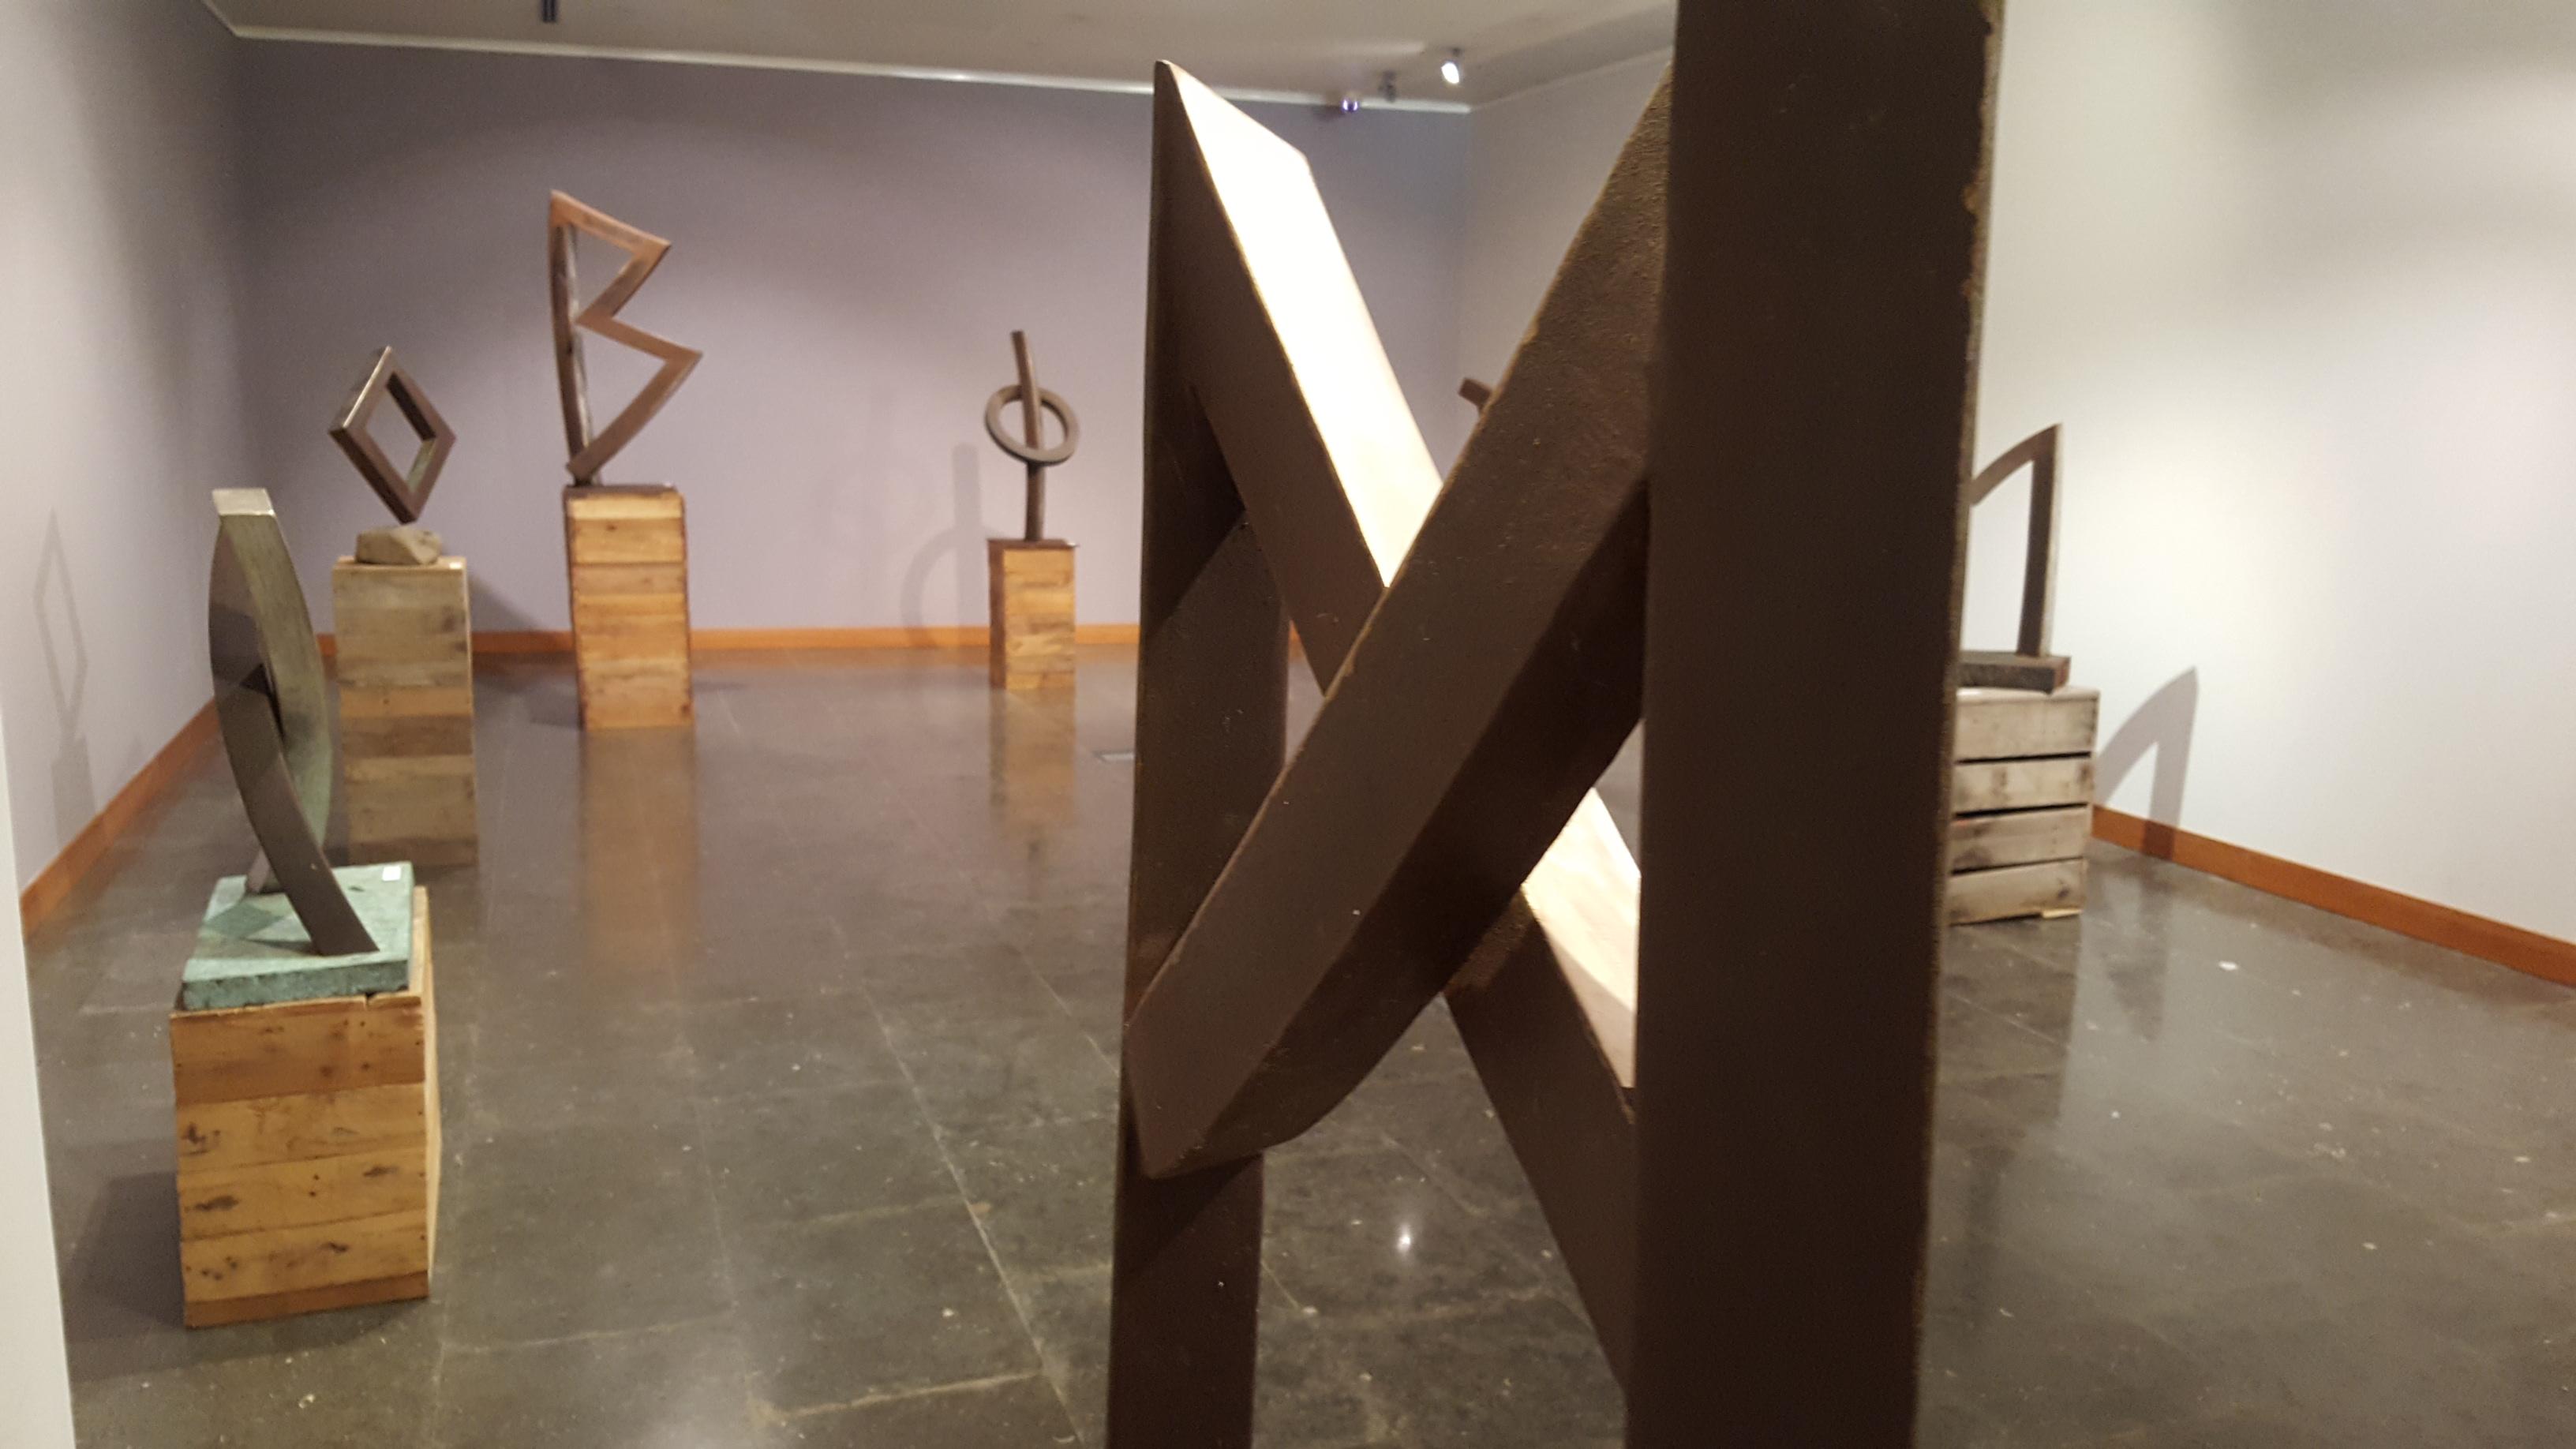 Emili Amengol, las tres dimensiones de las runas